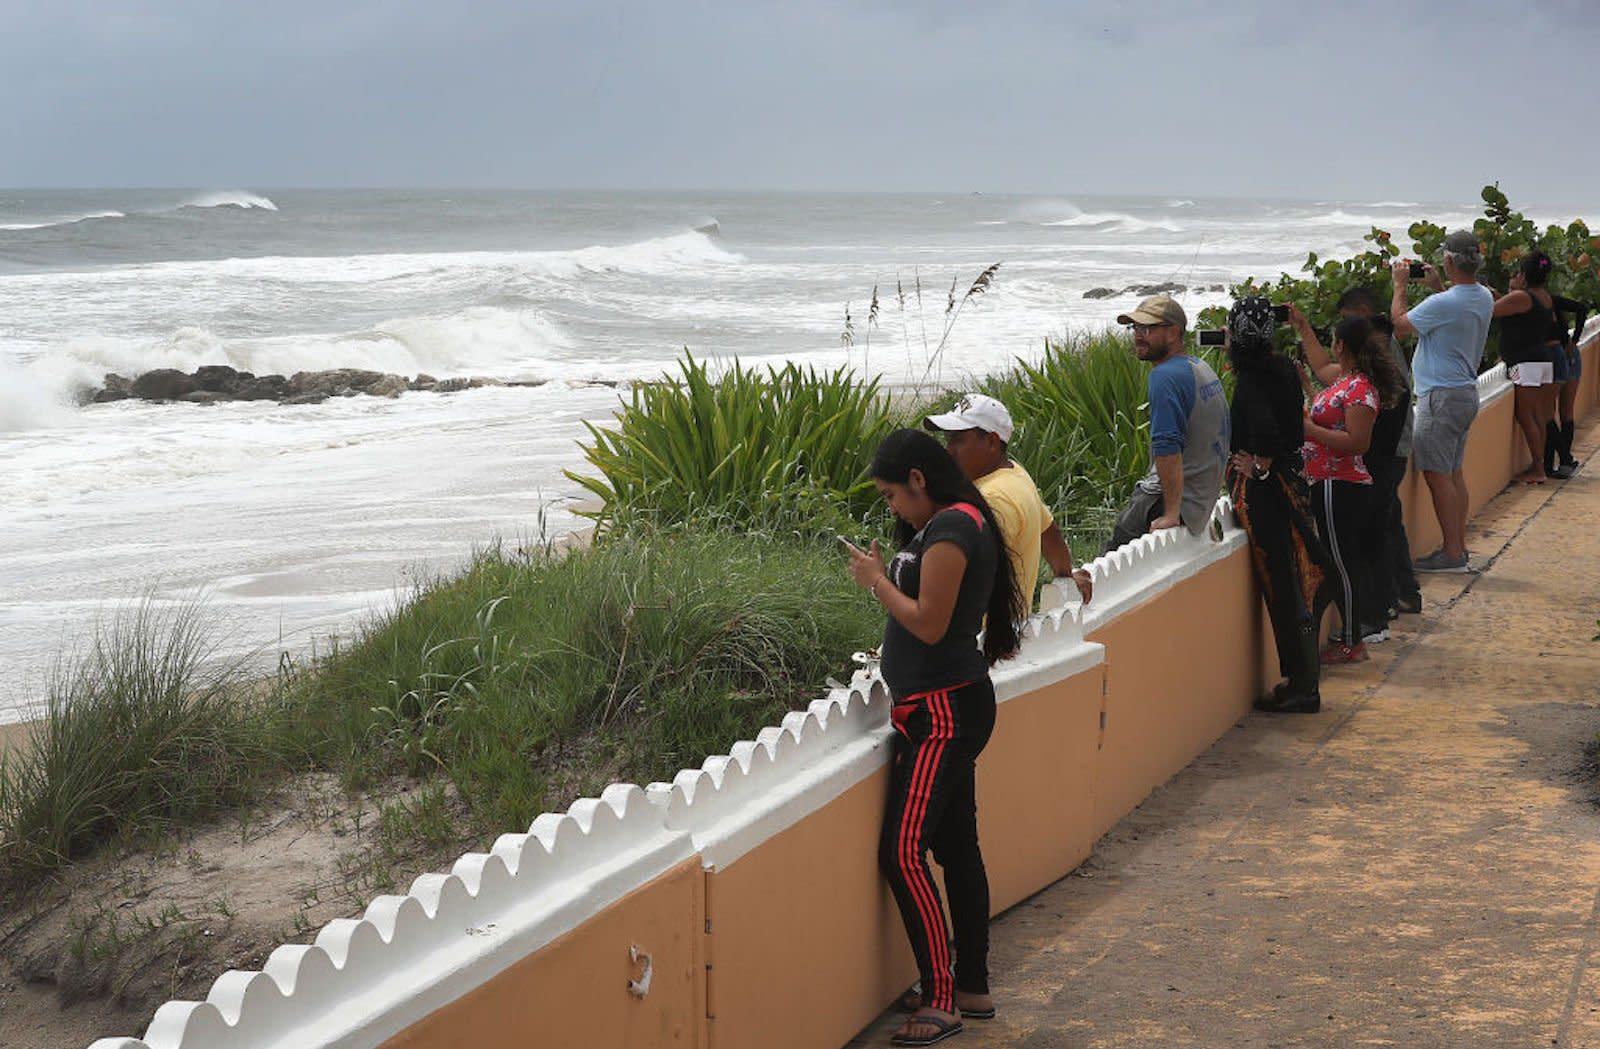 hurricane dorian batters bahamas as florida shuts down